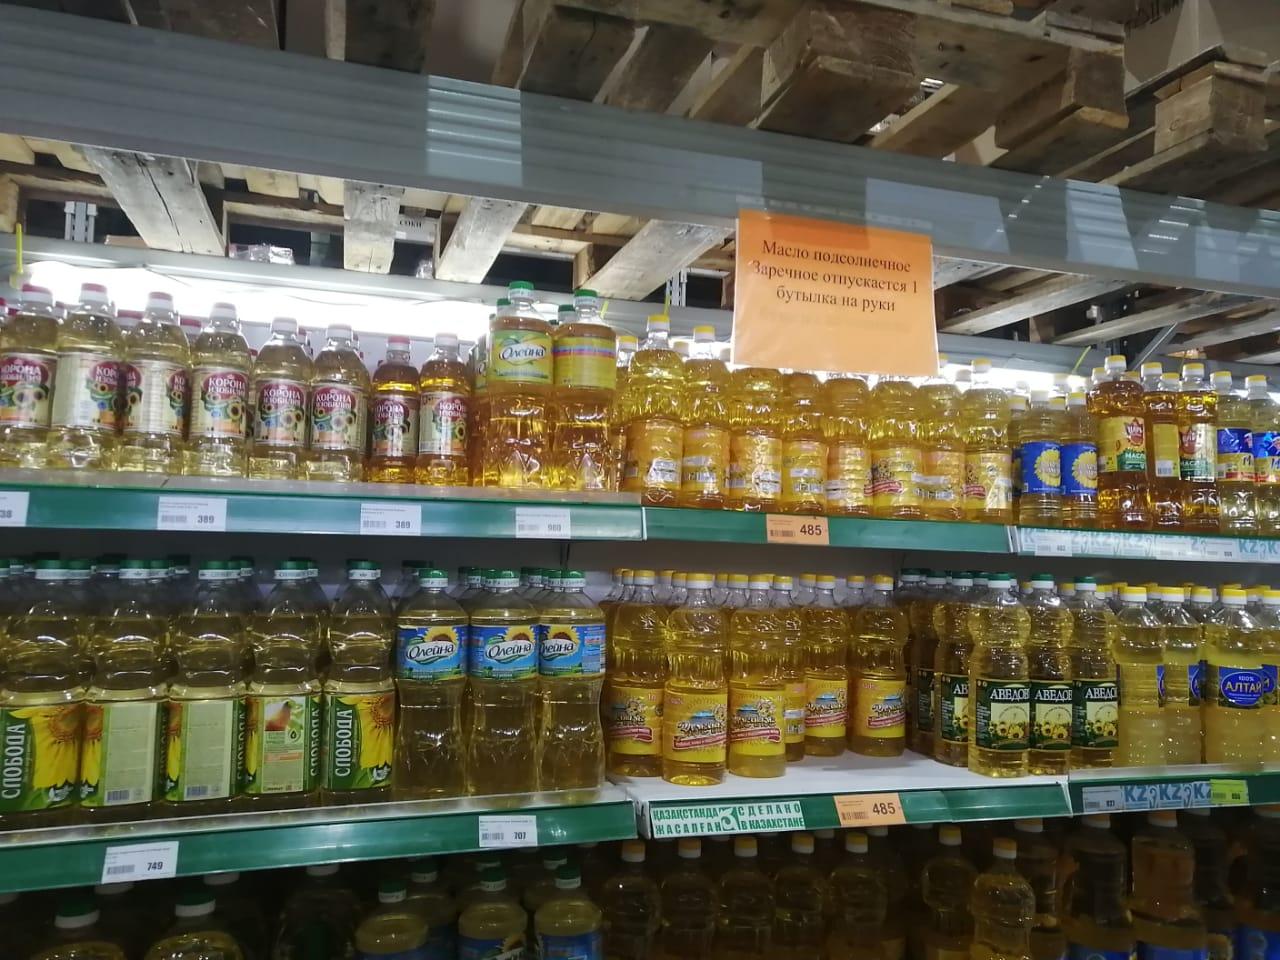 В Петропавловске цена подсолнечного масла бьёт антирекорды